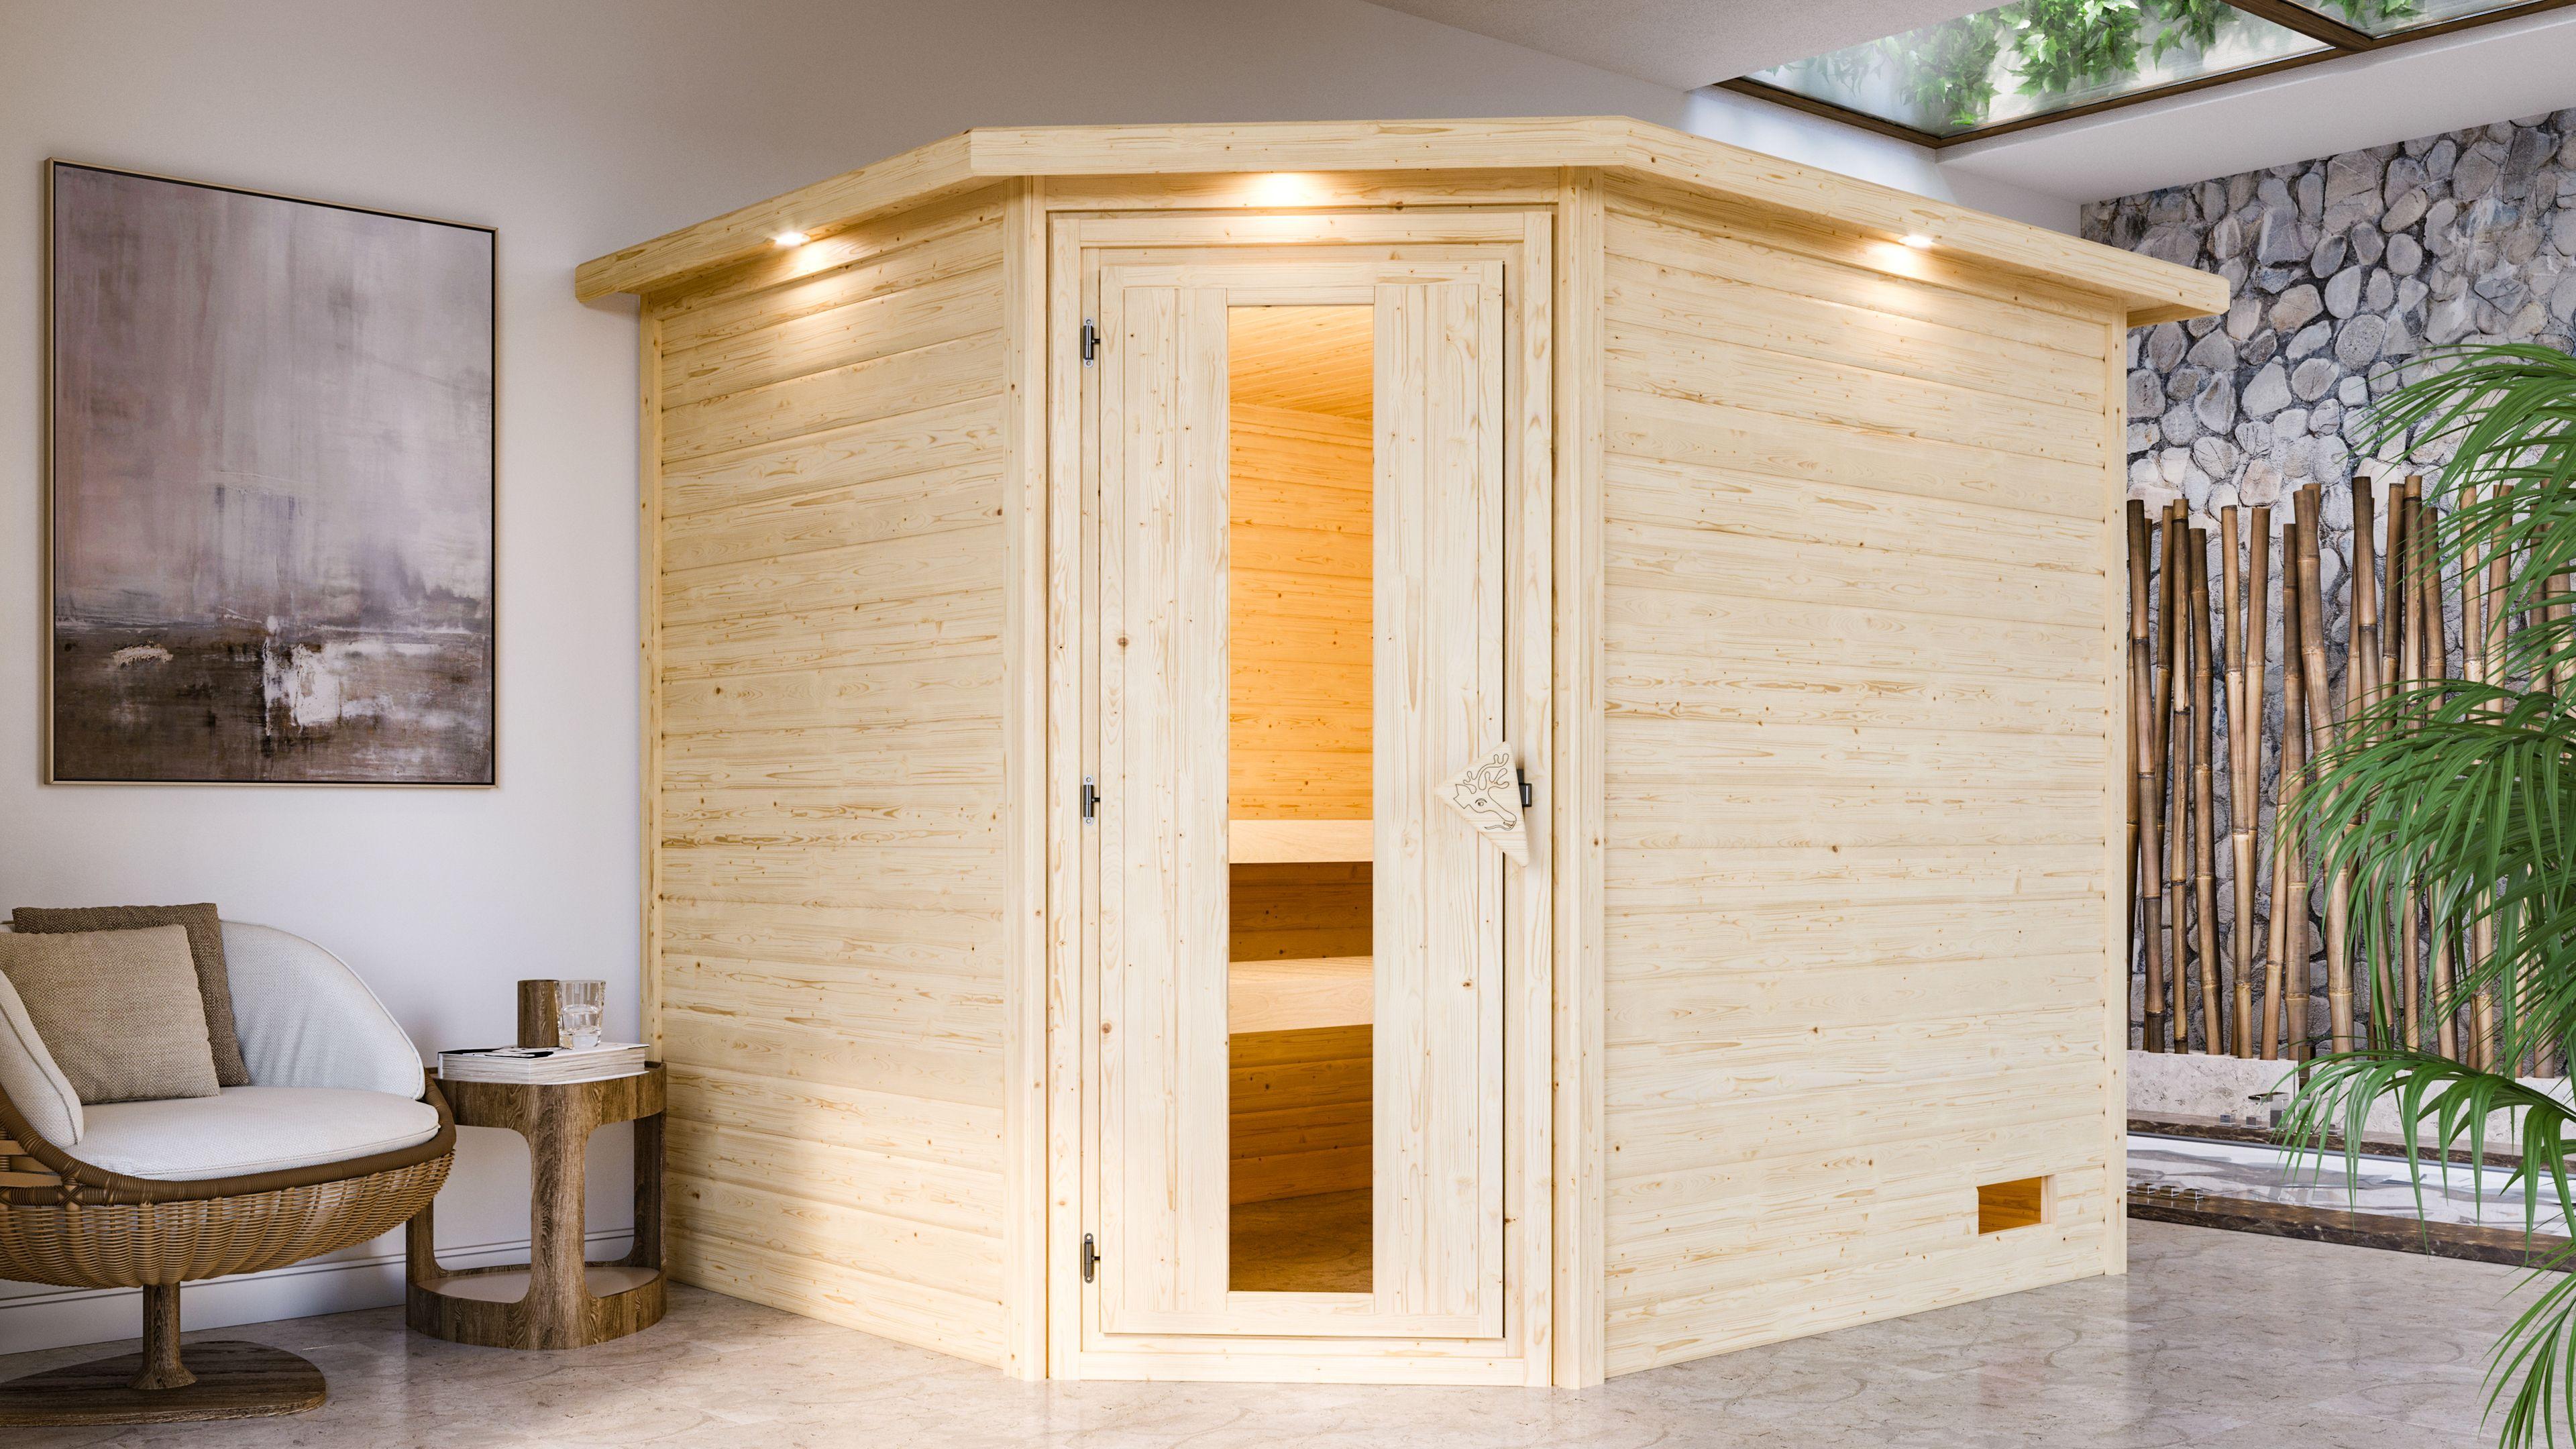 Woodfeeling Sauna Lisa 38mm Kranz ohne Ofen Tür Holz Bild 4